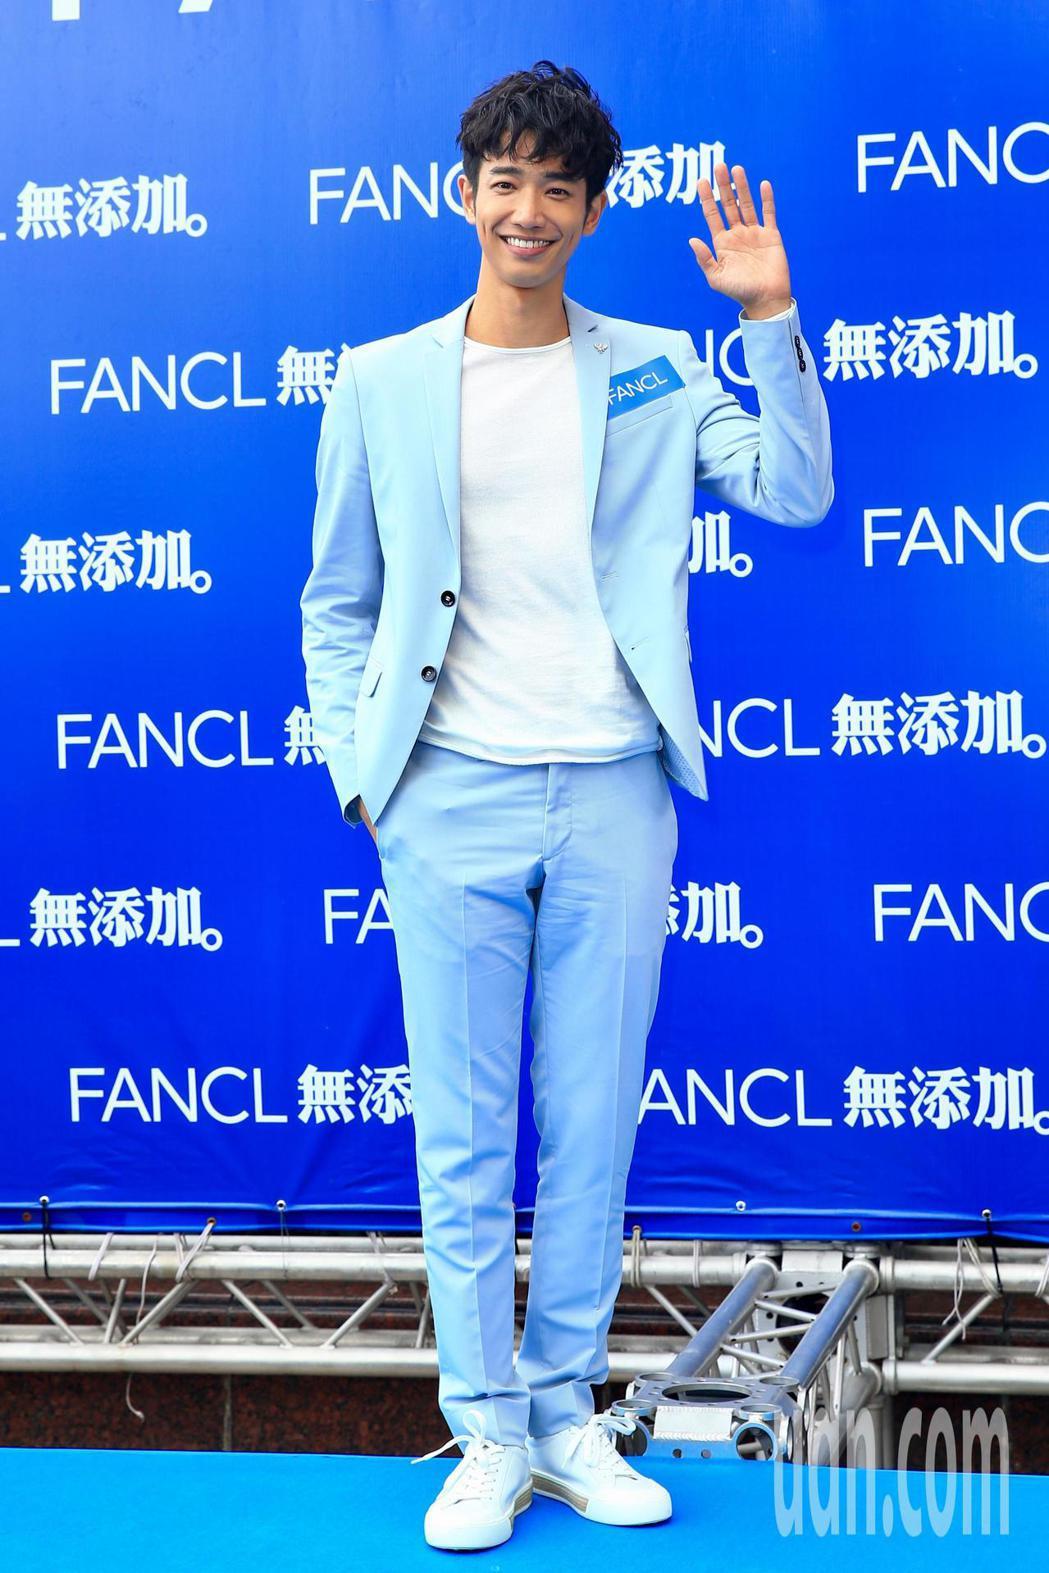 劉以豪出席FANCL活動。記者林伯東/攝影